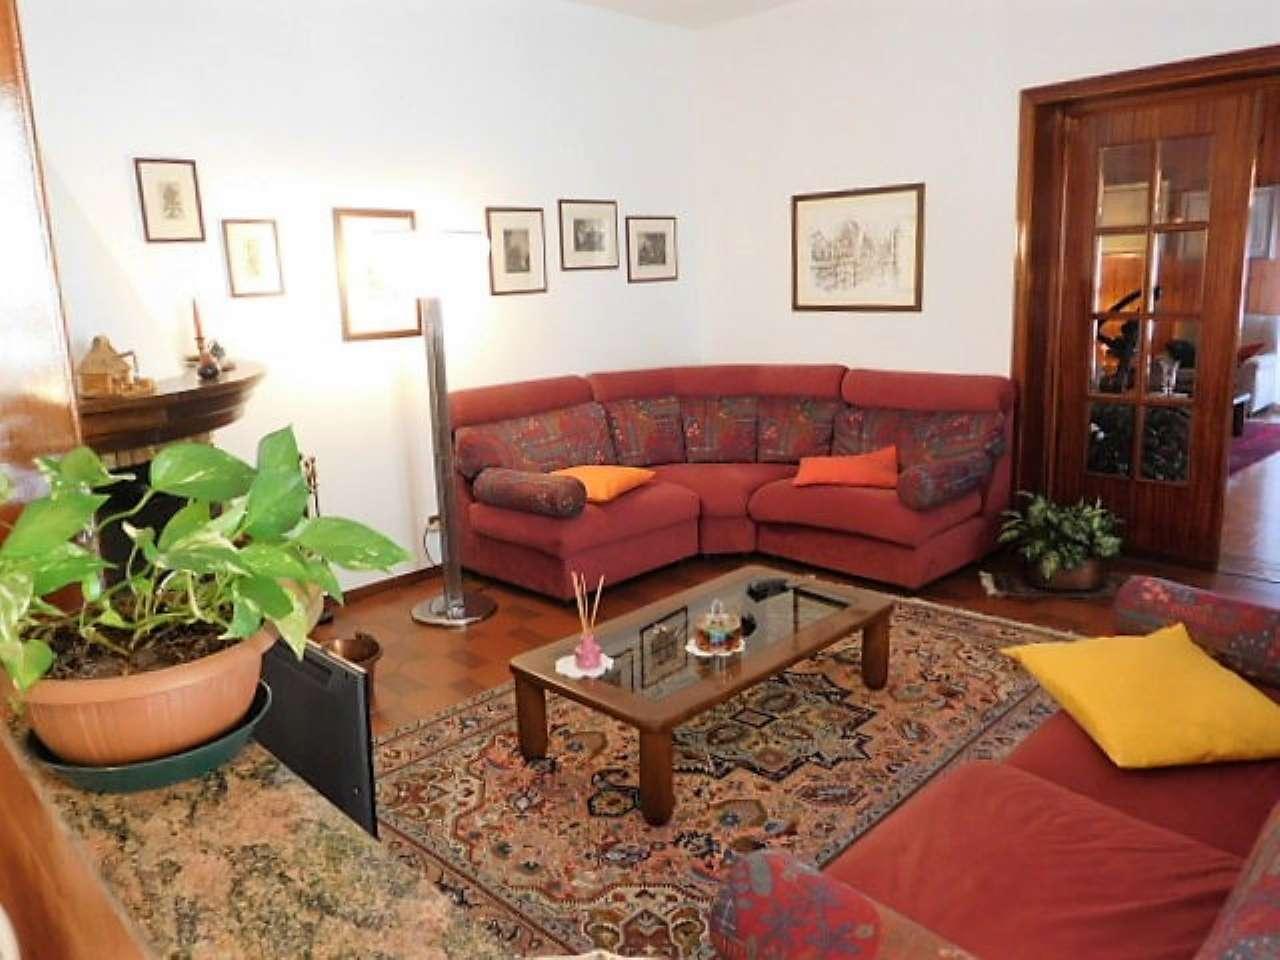 Soluzione Indipendente in vendita a Cava Manara, 8 locali, prezzo € 295.000 | PortaleAgenzieImmobiliari.it